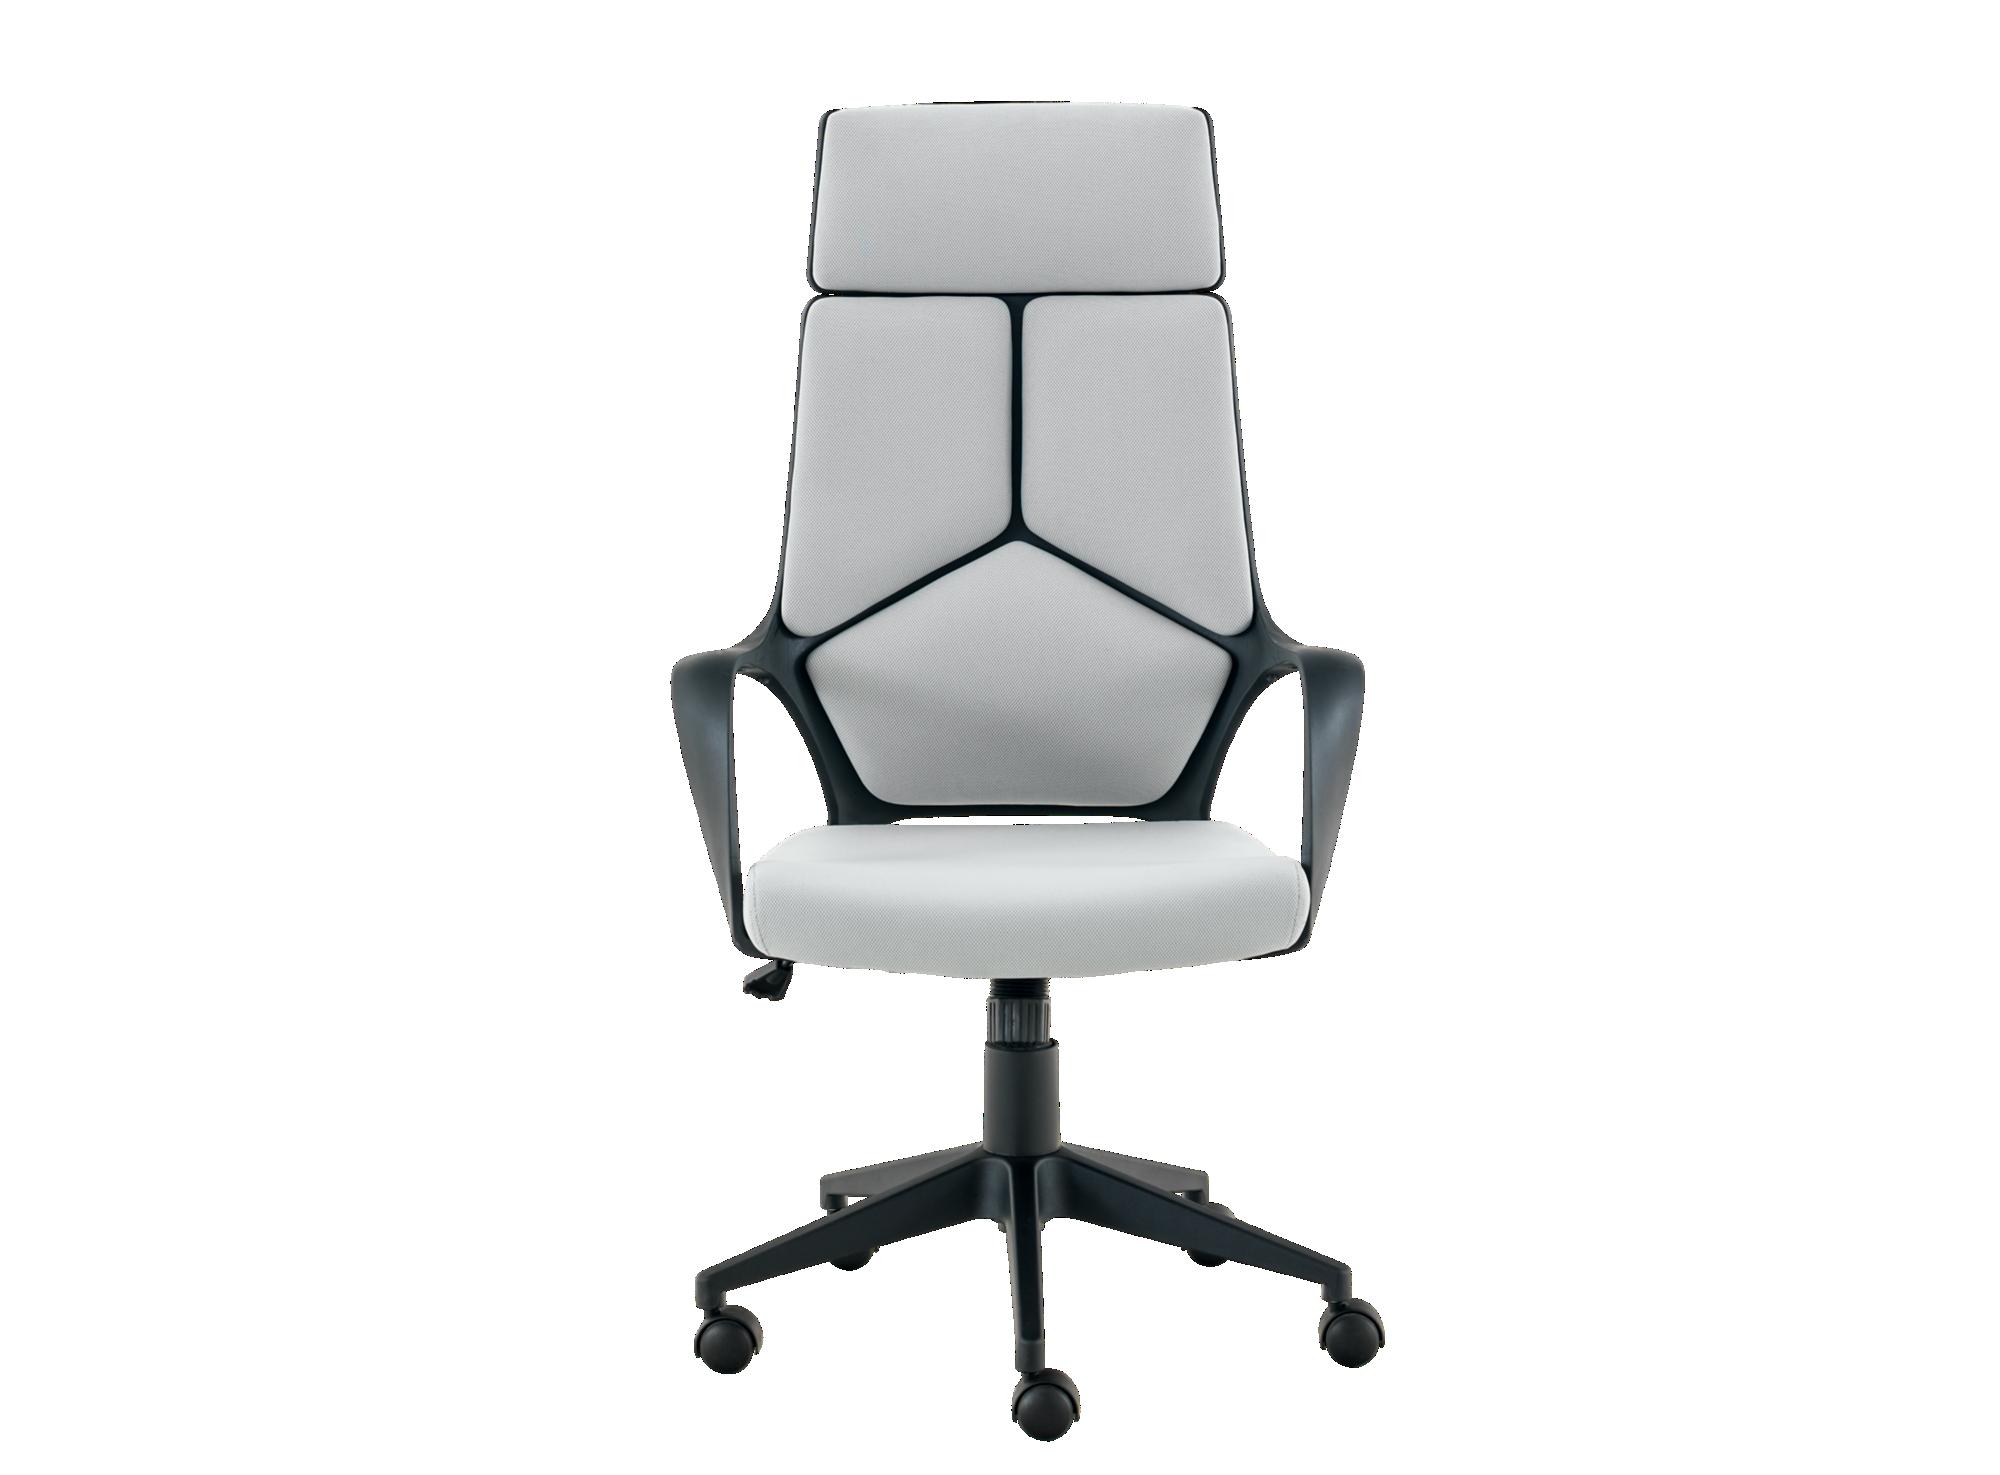 Fauteuil de bureau noir gris grand modele fauteuil de bureau